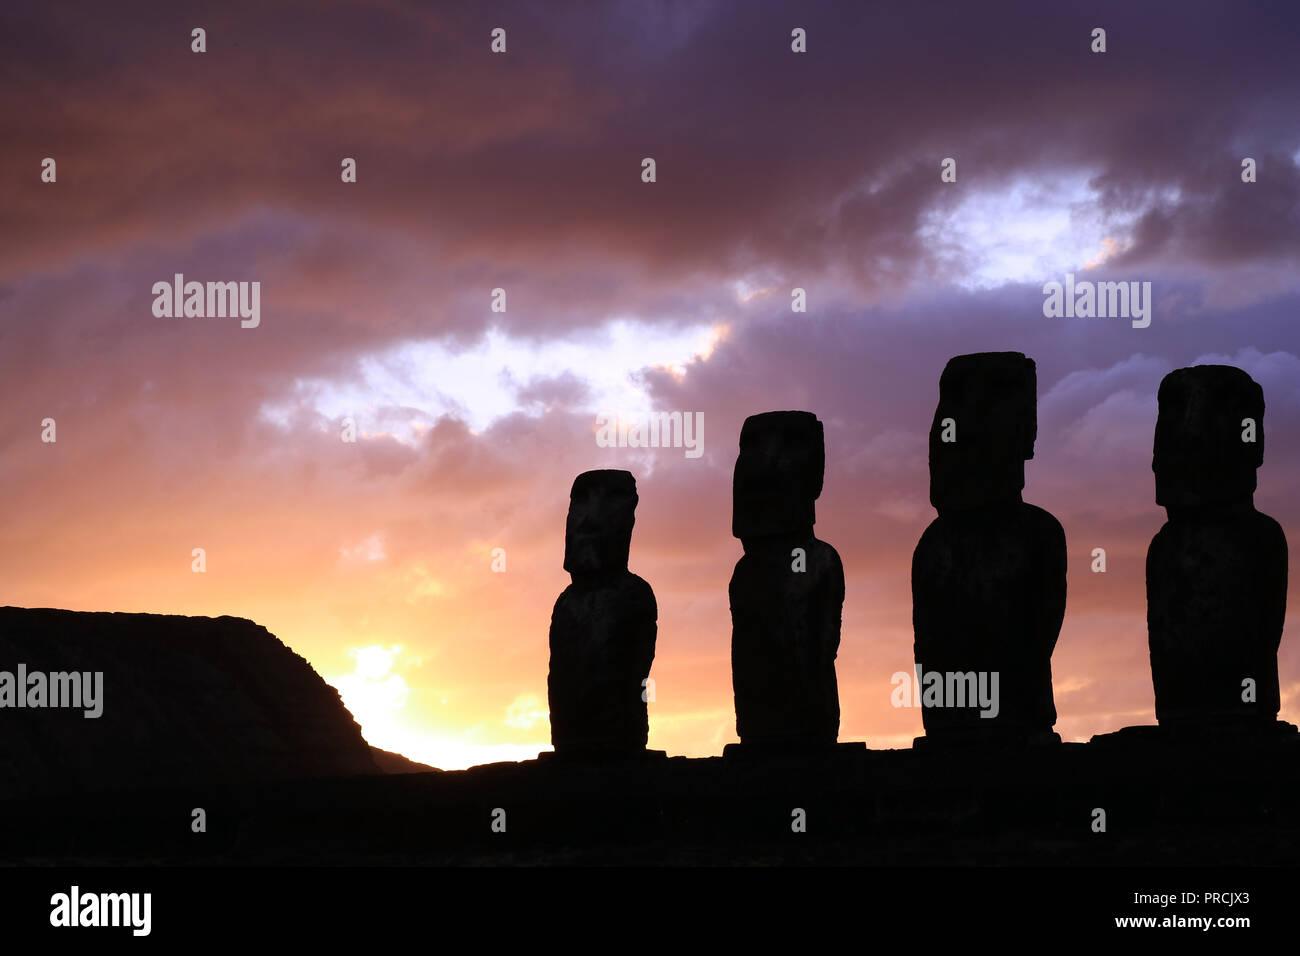 Violet magnifique lever du soleil Ciel nuageux sur la silhouette du géant de statues Moai Ahu Tongariki Site archéologique, l'île de Pâques, Chili Photo Stock